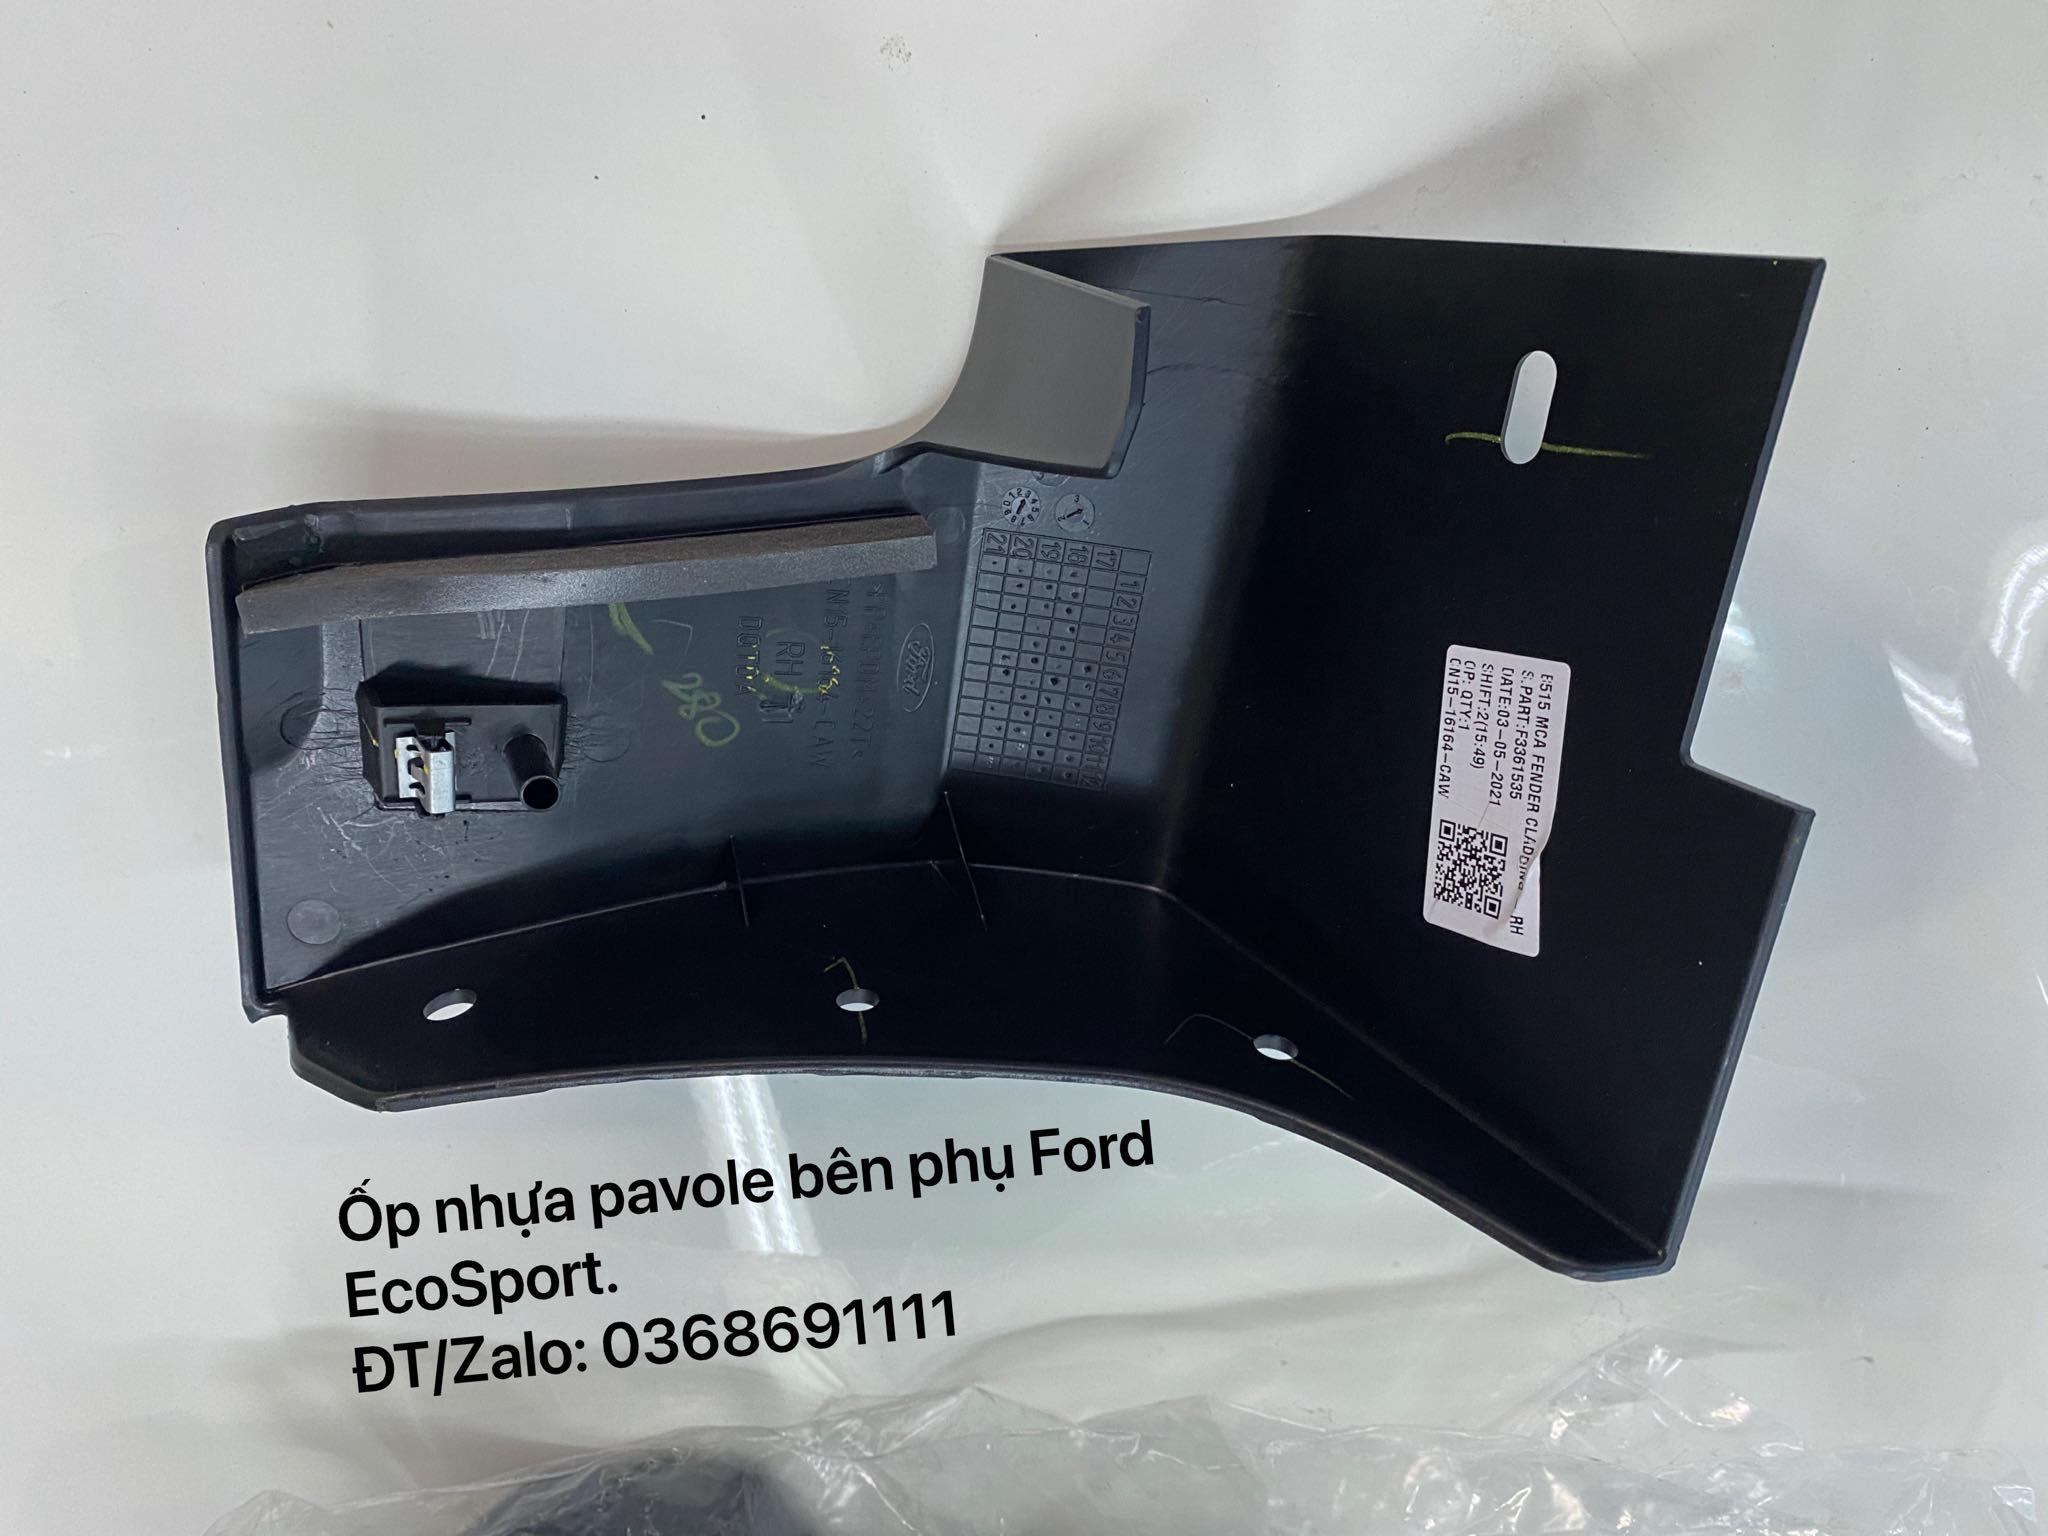 Ốp đầu pavole bên phụ Ford EcoSport / CN15-161644